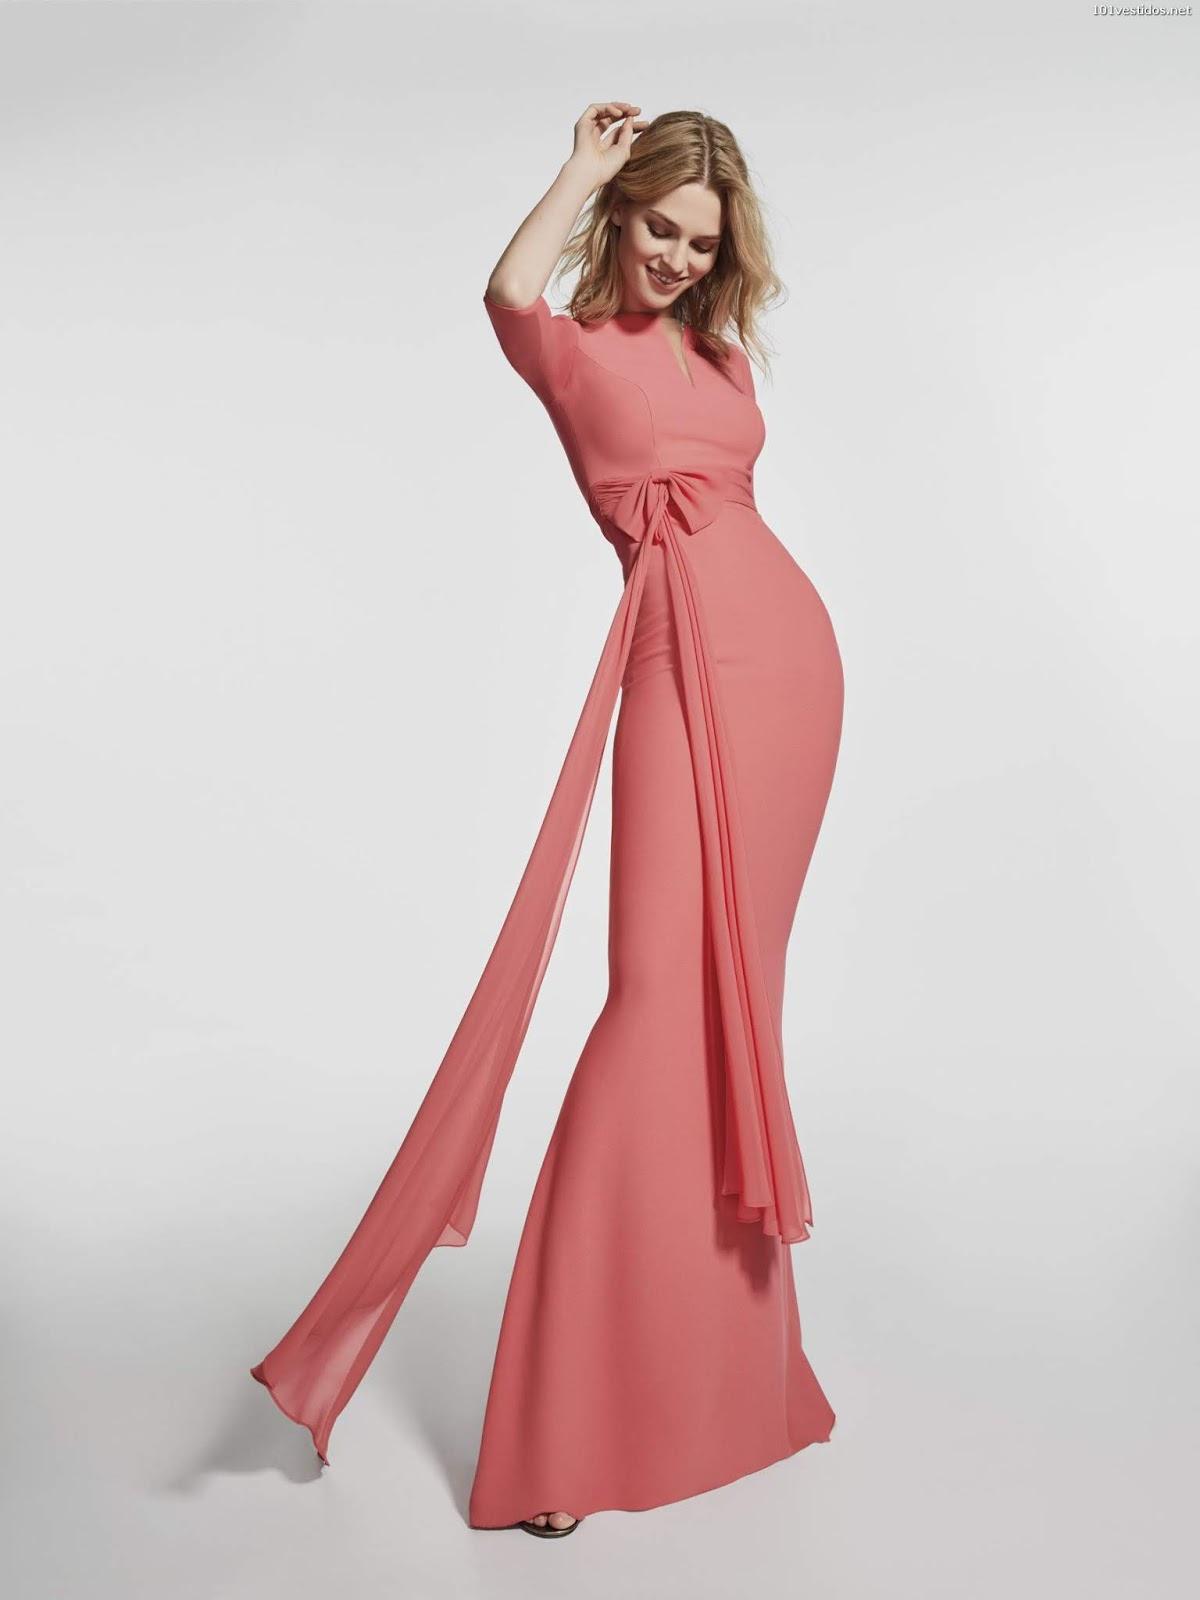 Vestidos de Boda ▷ 50 Ideas con Imagenes | 101 Vestidos de Moda ...